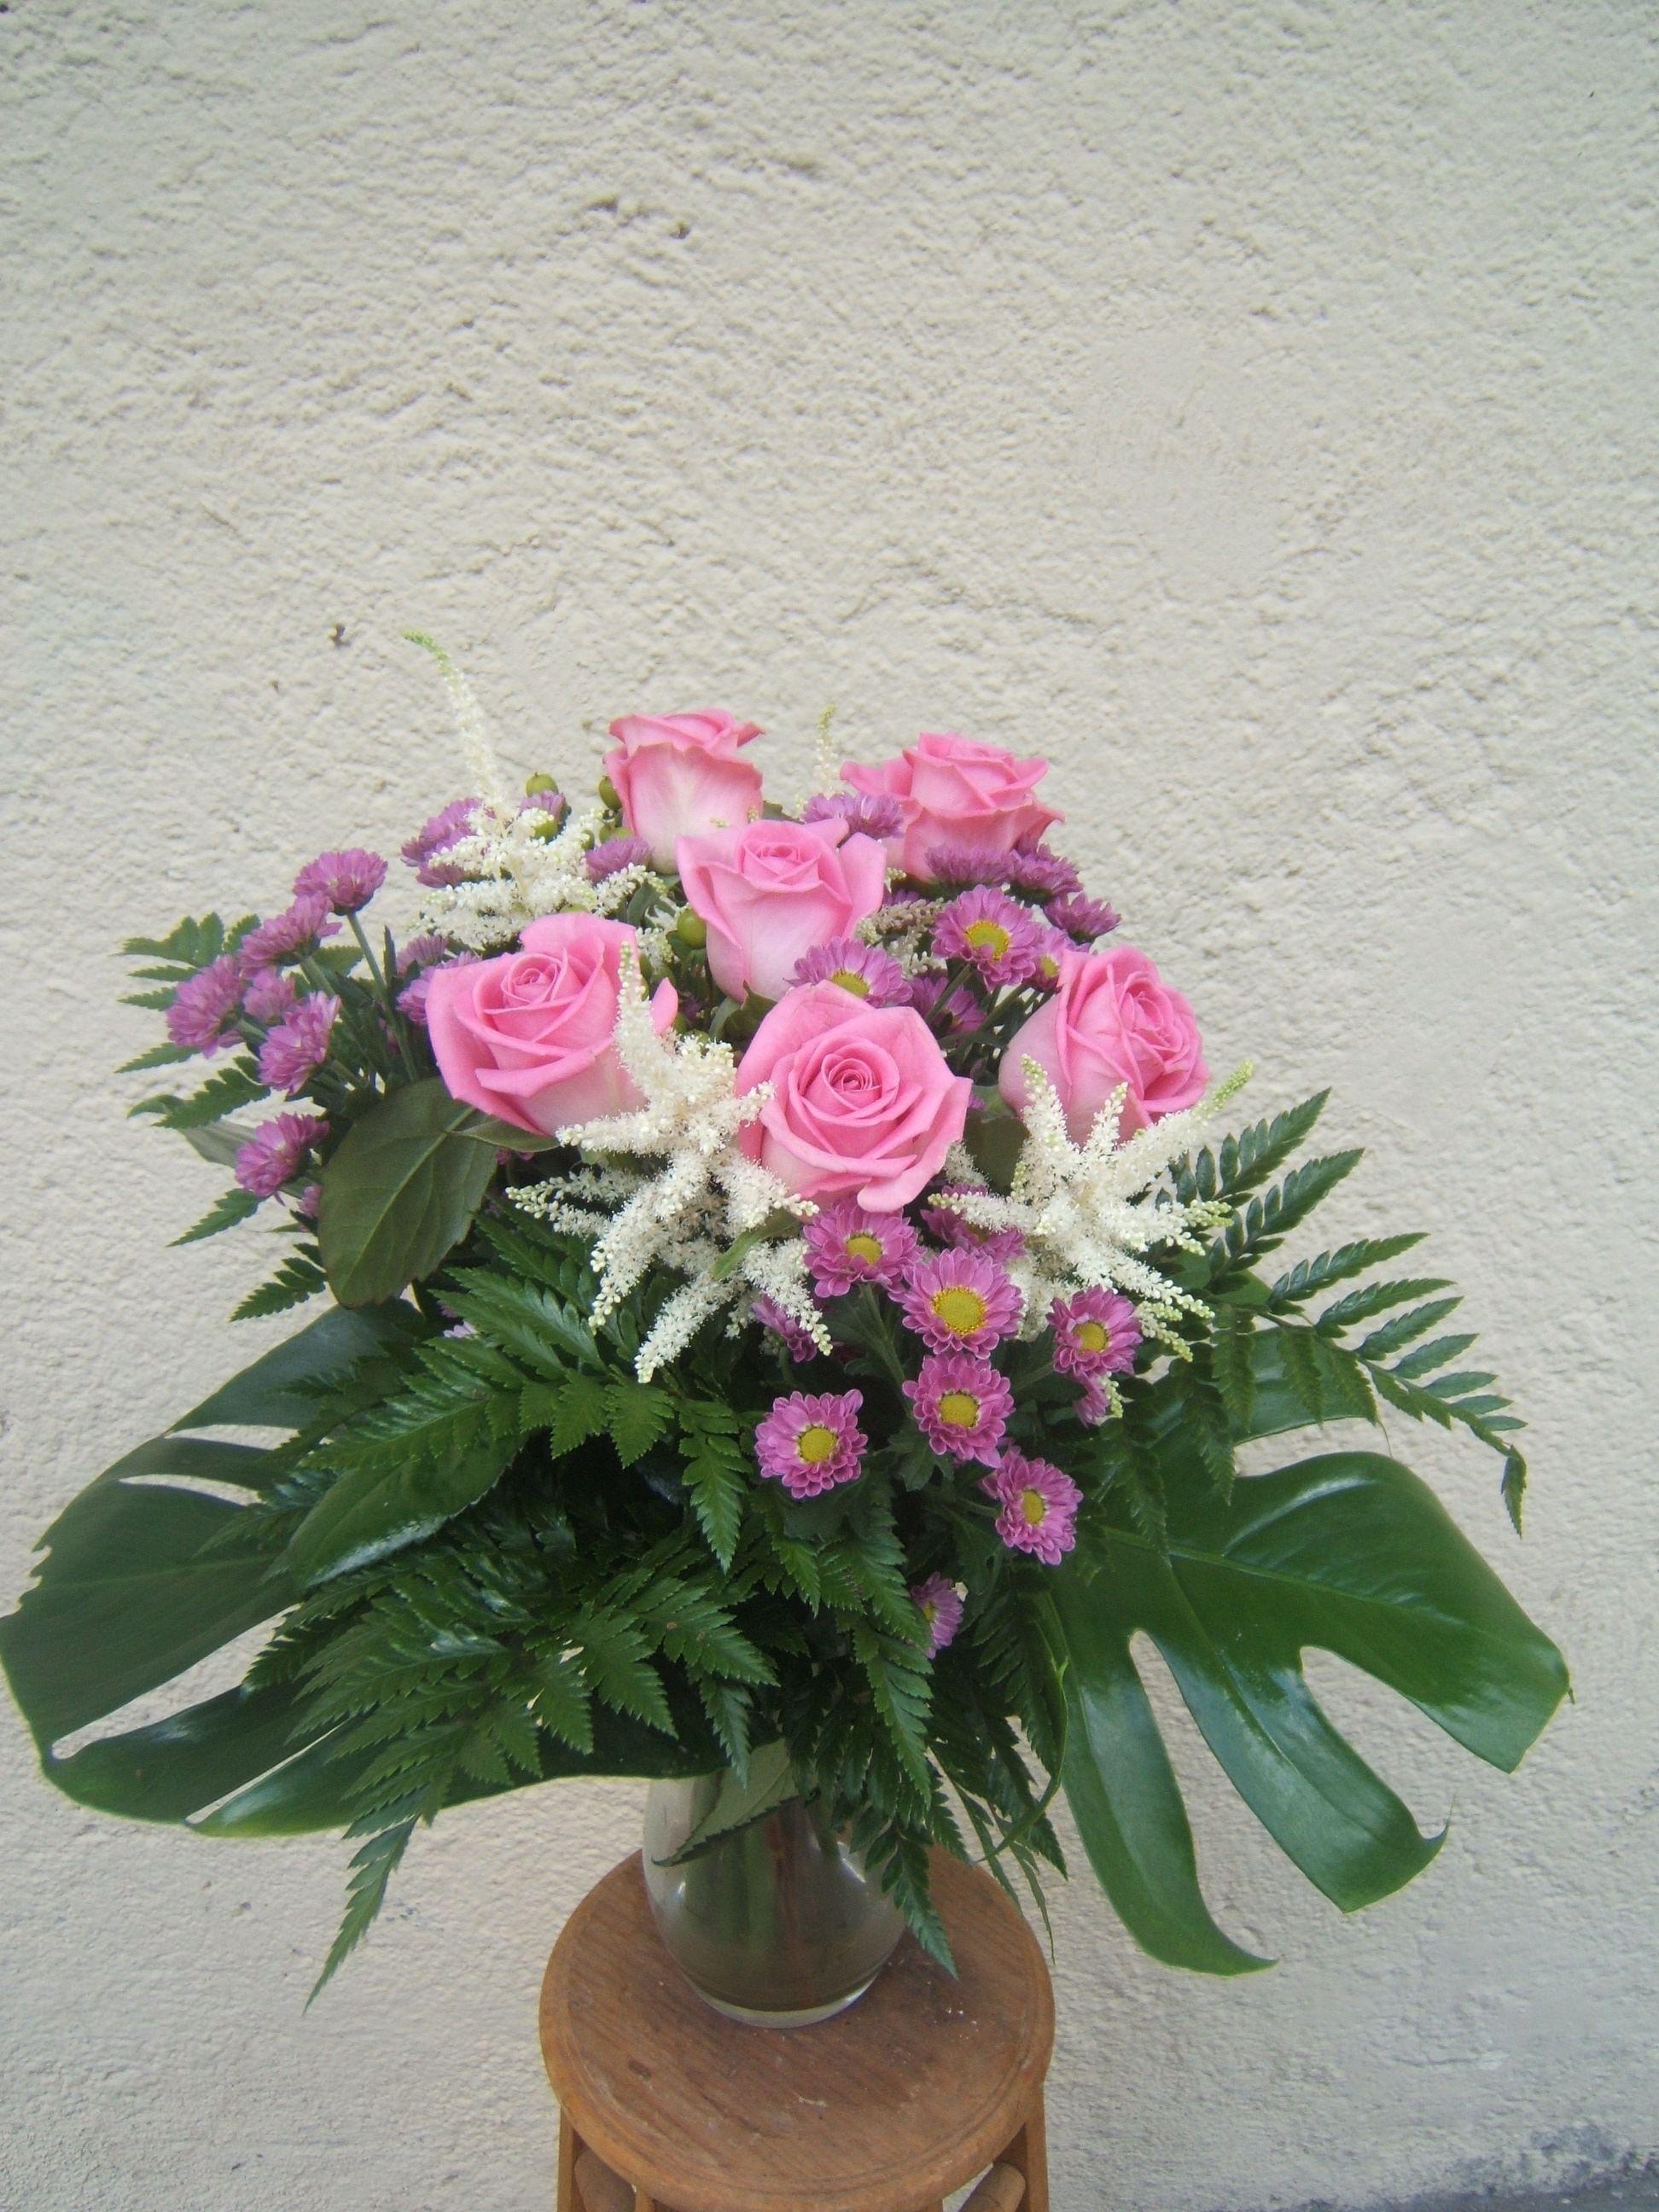 Ramo de rosas rosas con astilber y aster: Catálogo de flores y plantas de Floristería Pétalos